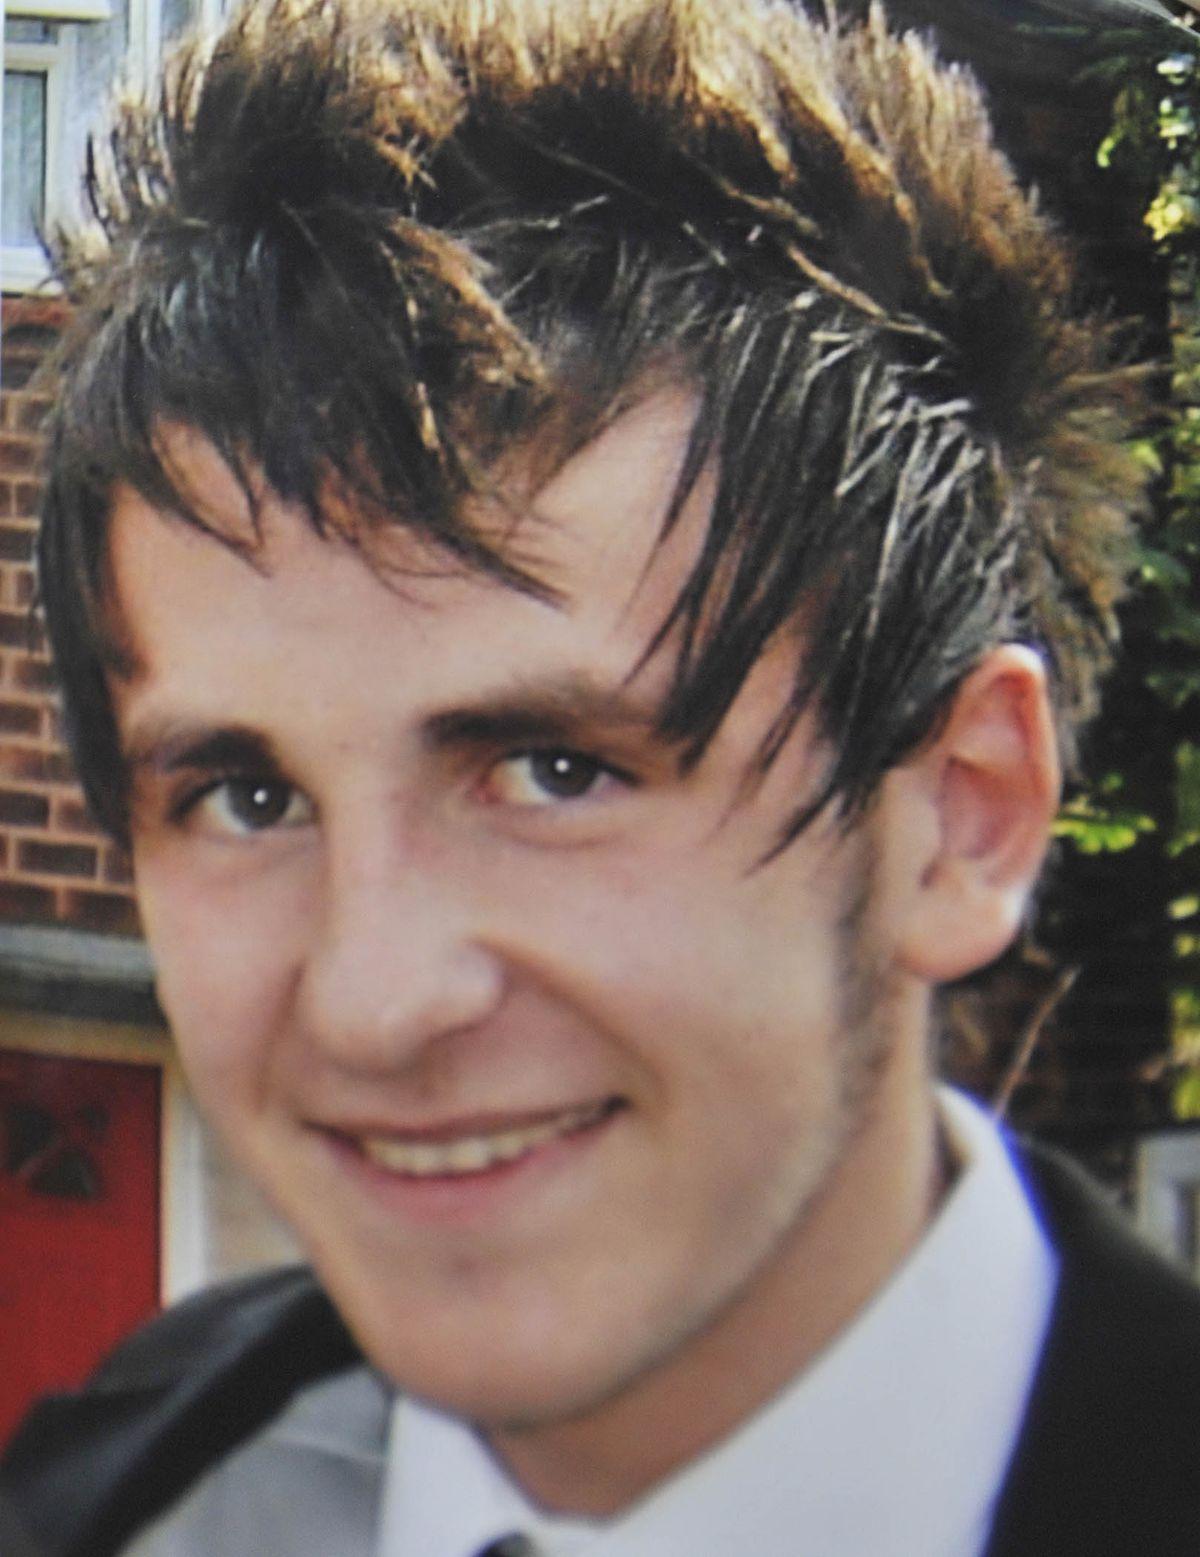 James Renshaw